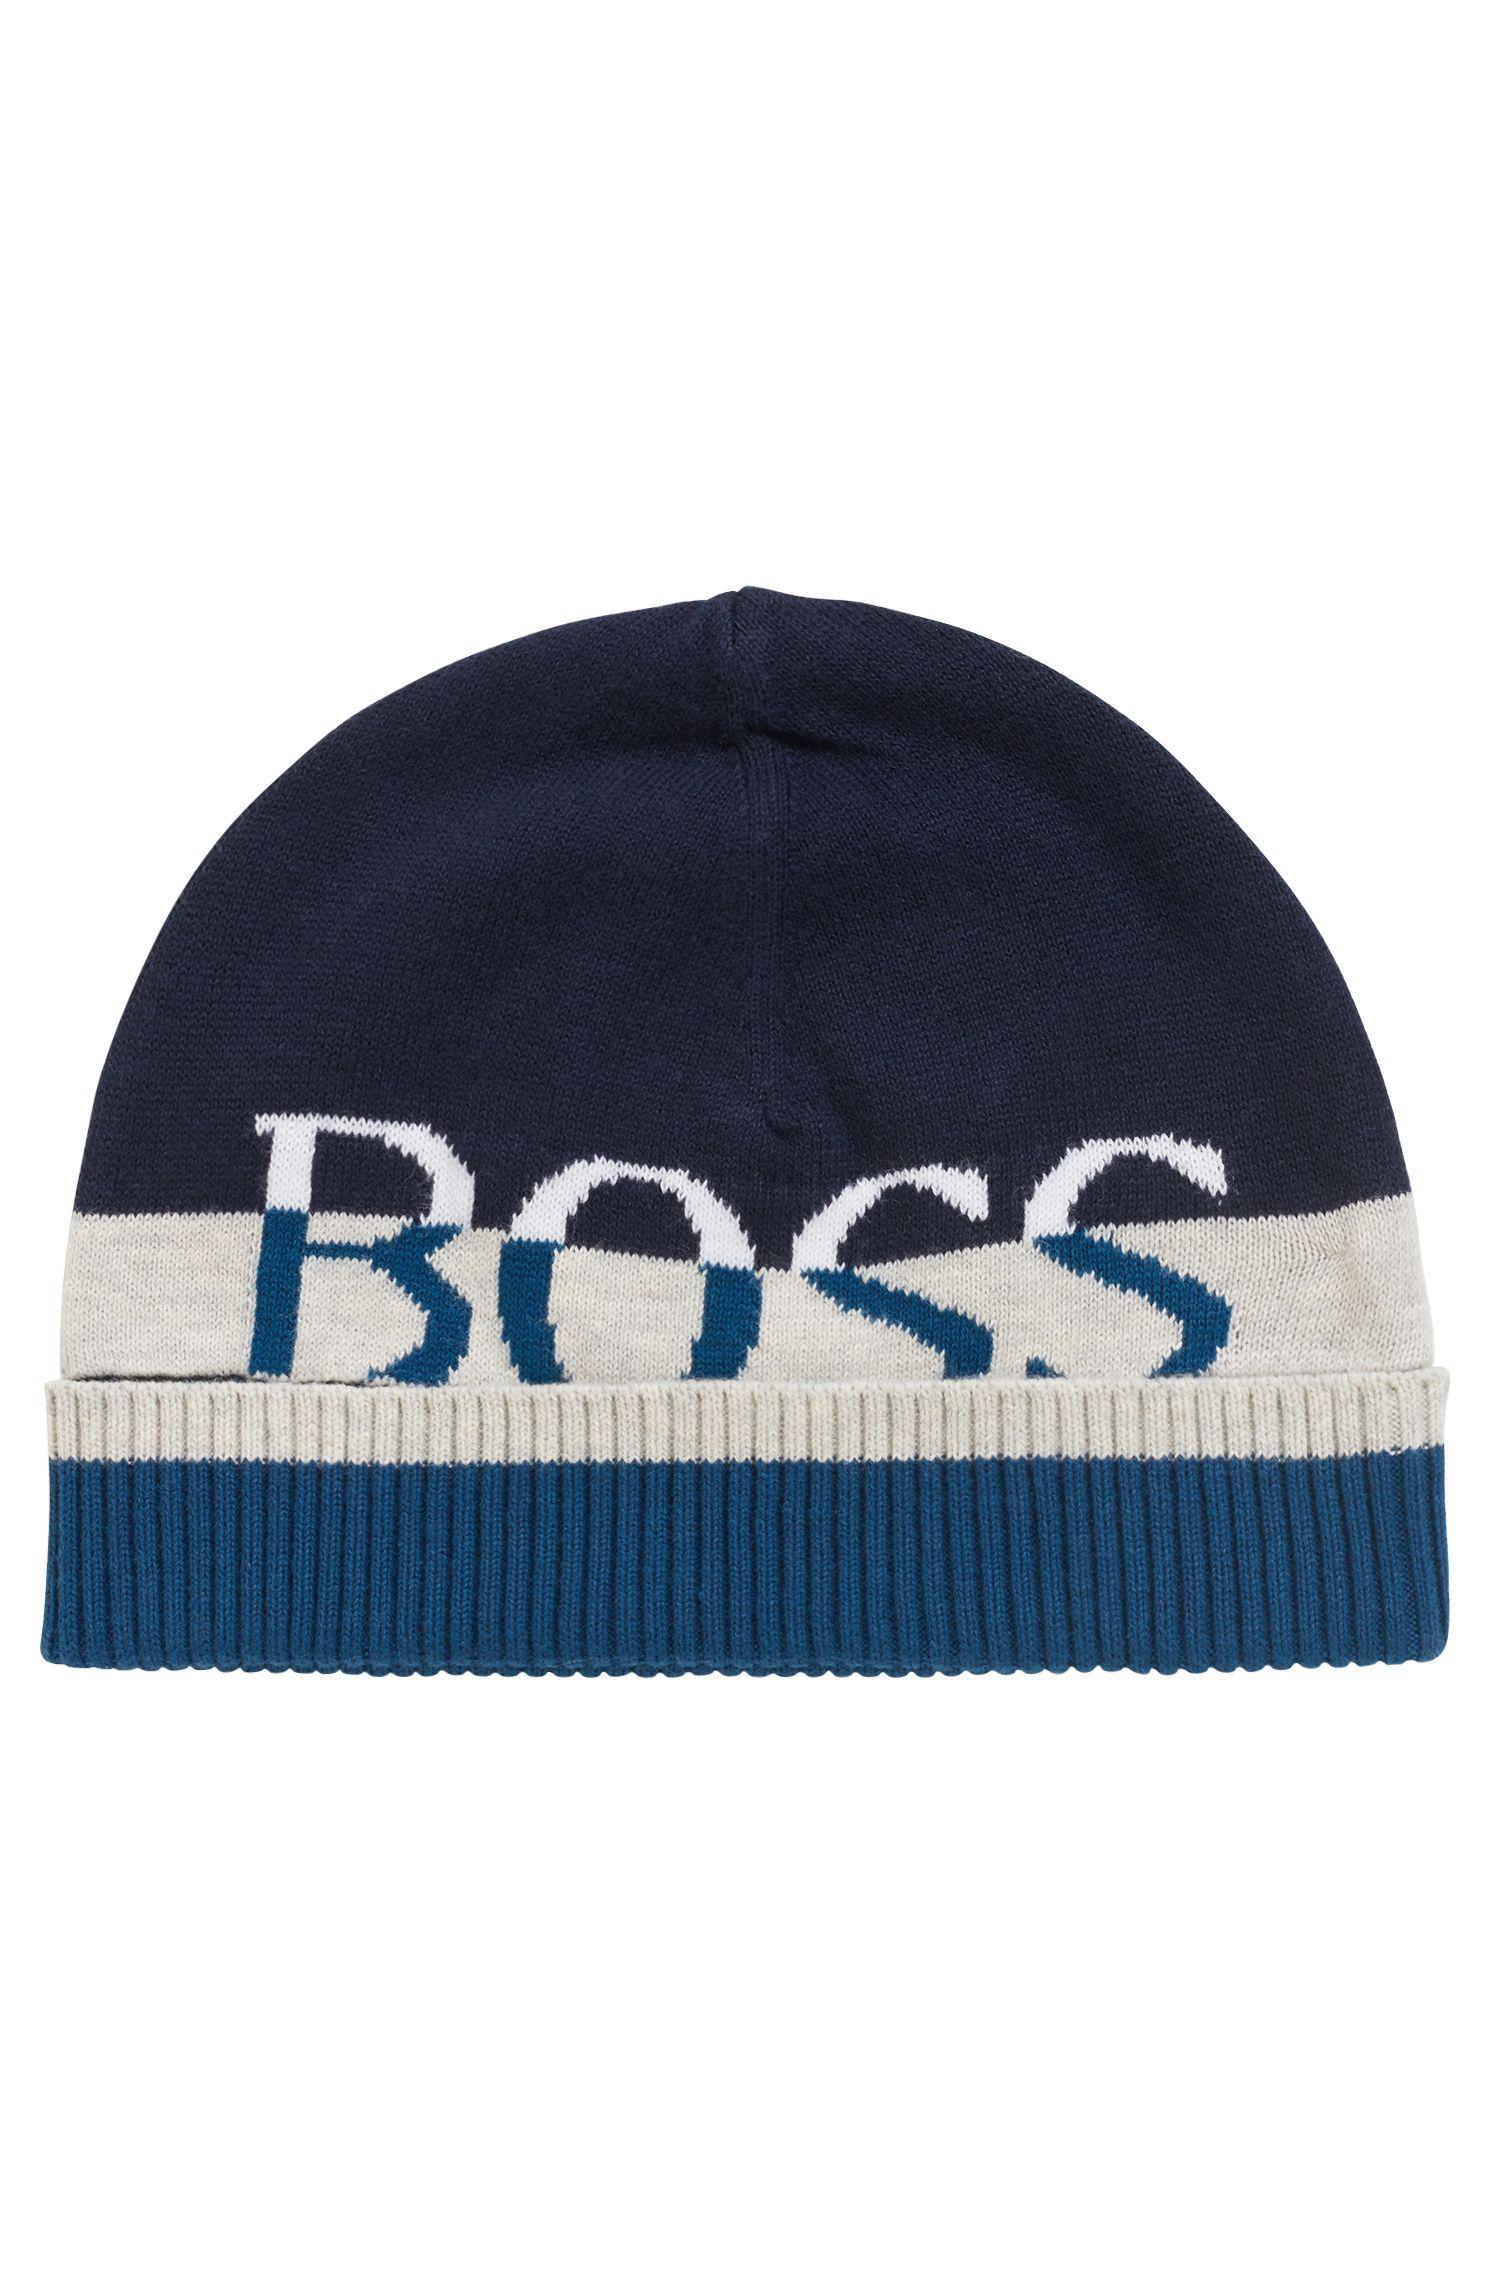 Bonnet pour enfant en coton peigné à logo jacquard, Bleu foncé